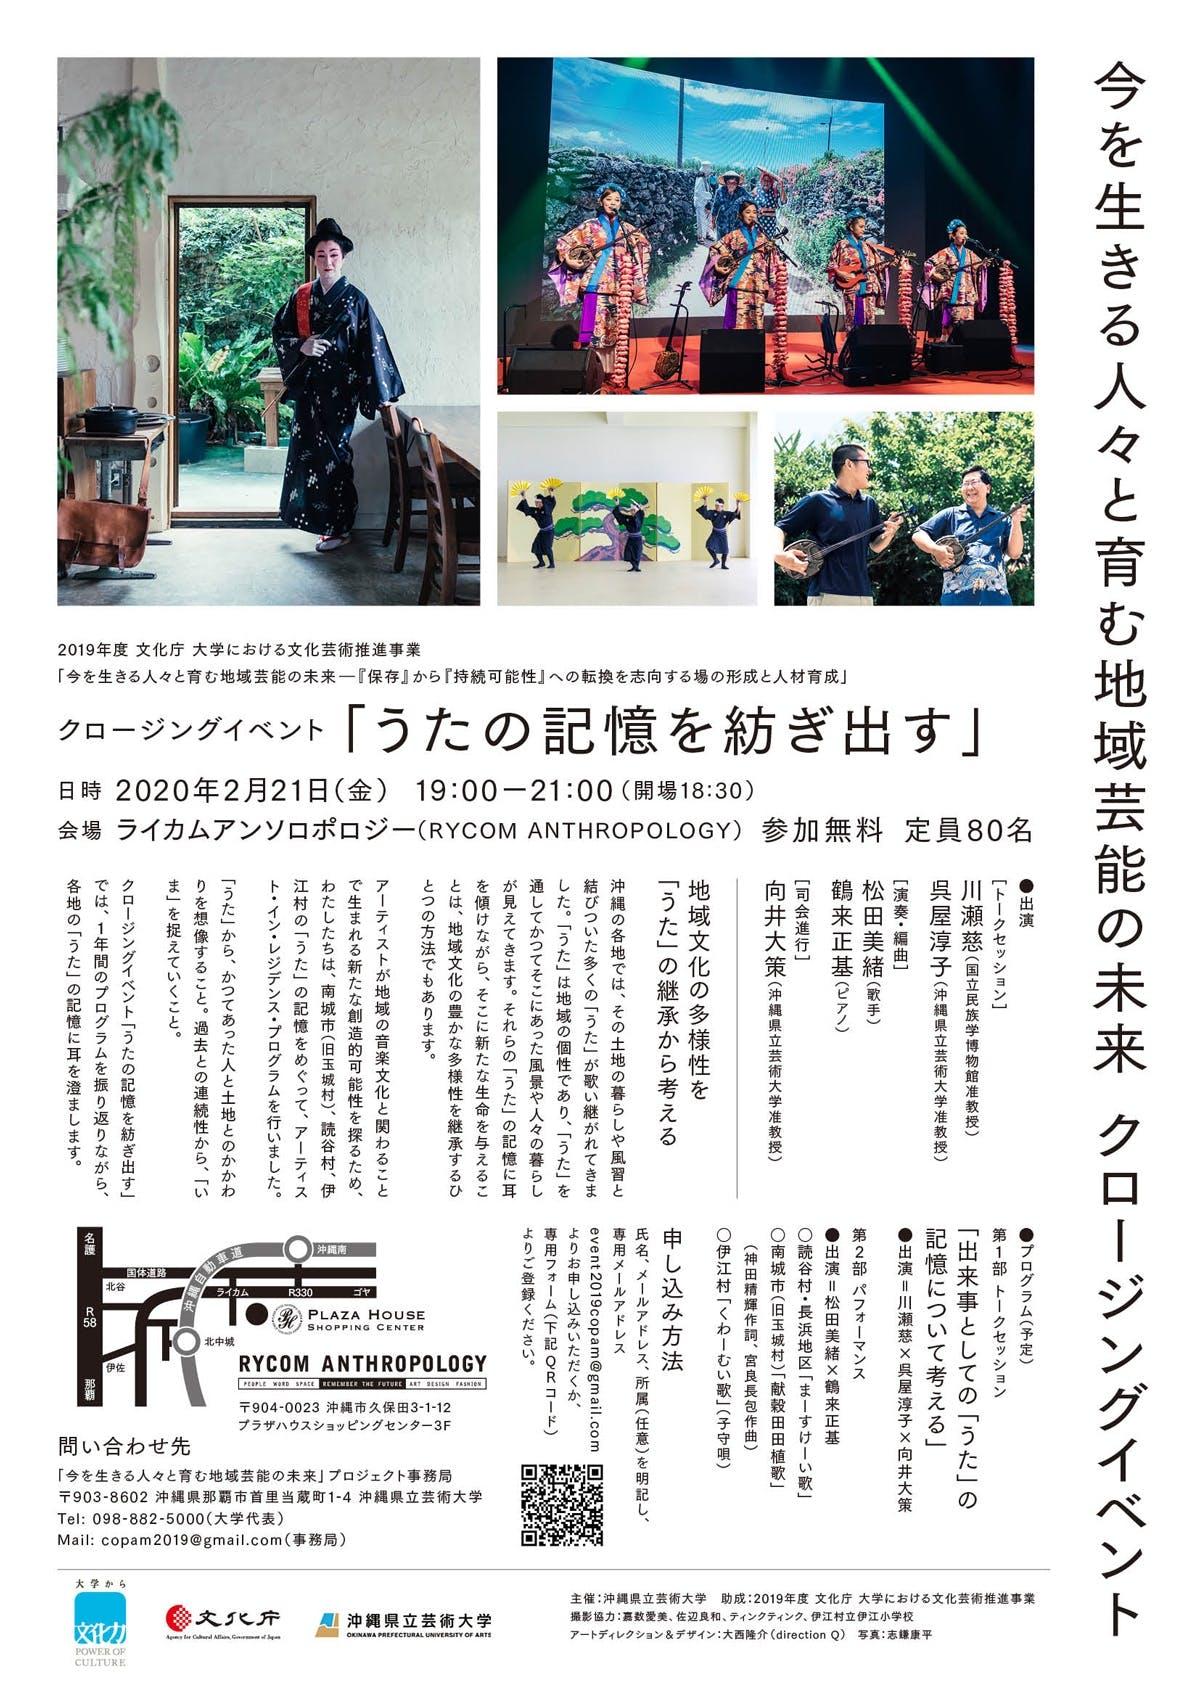 アートディレクション&デザイン:大西隆介(direction Q)、写真:志鎌康平